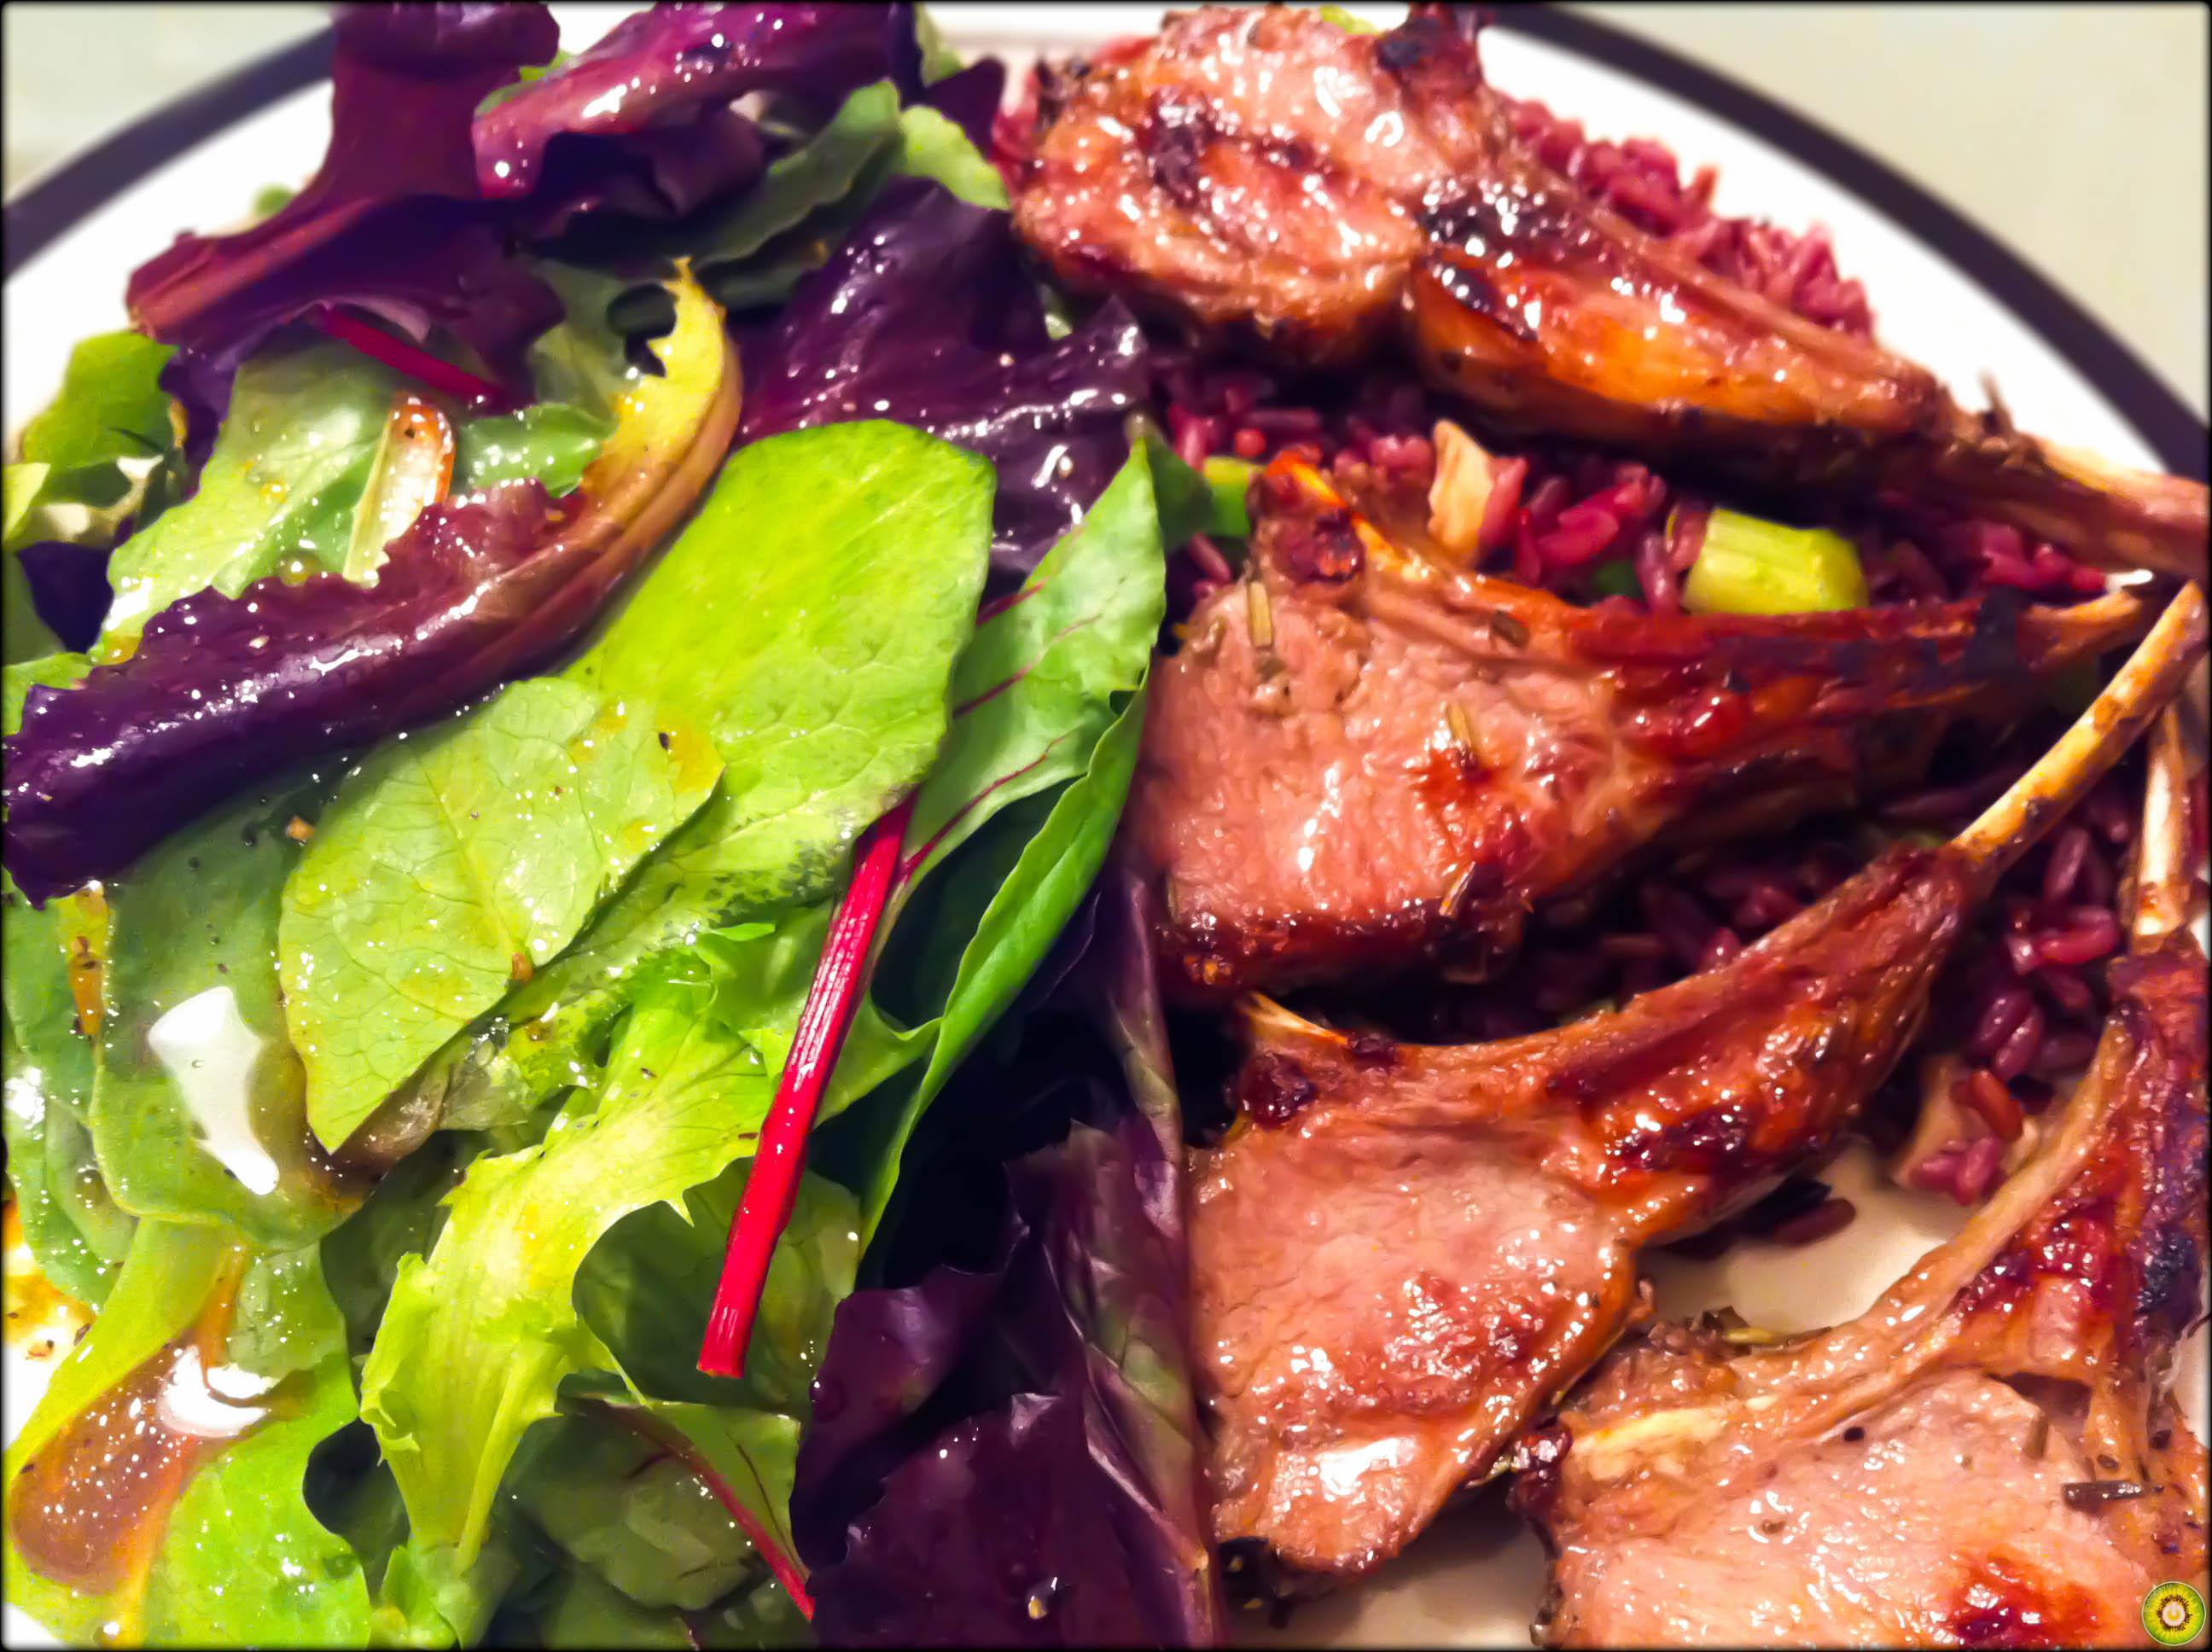 Thai Food Midtown Palo Alto